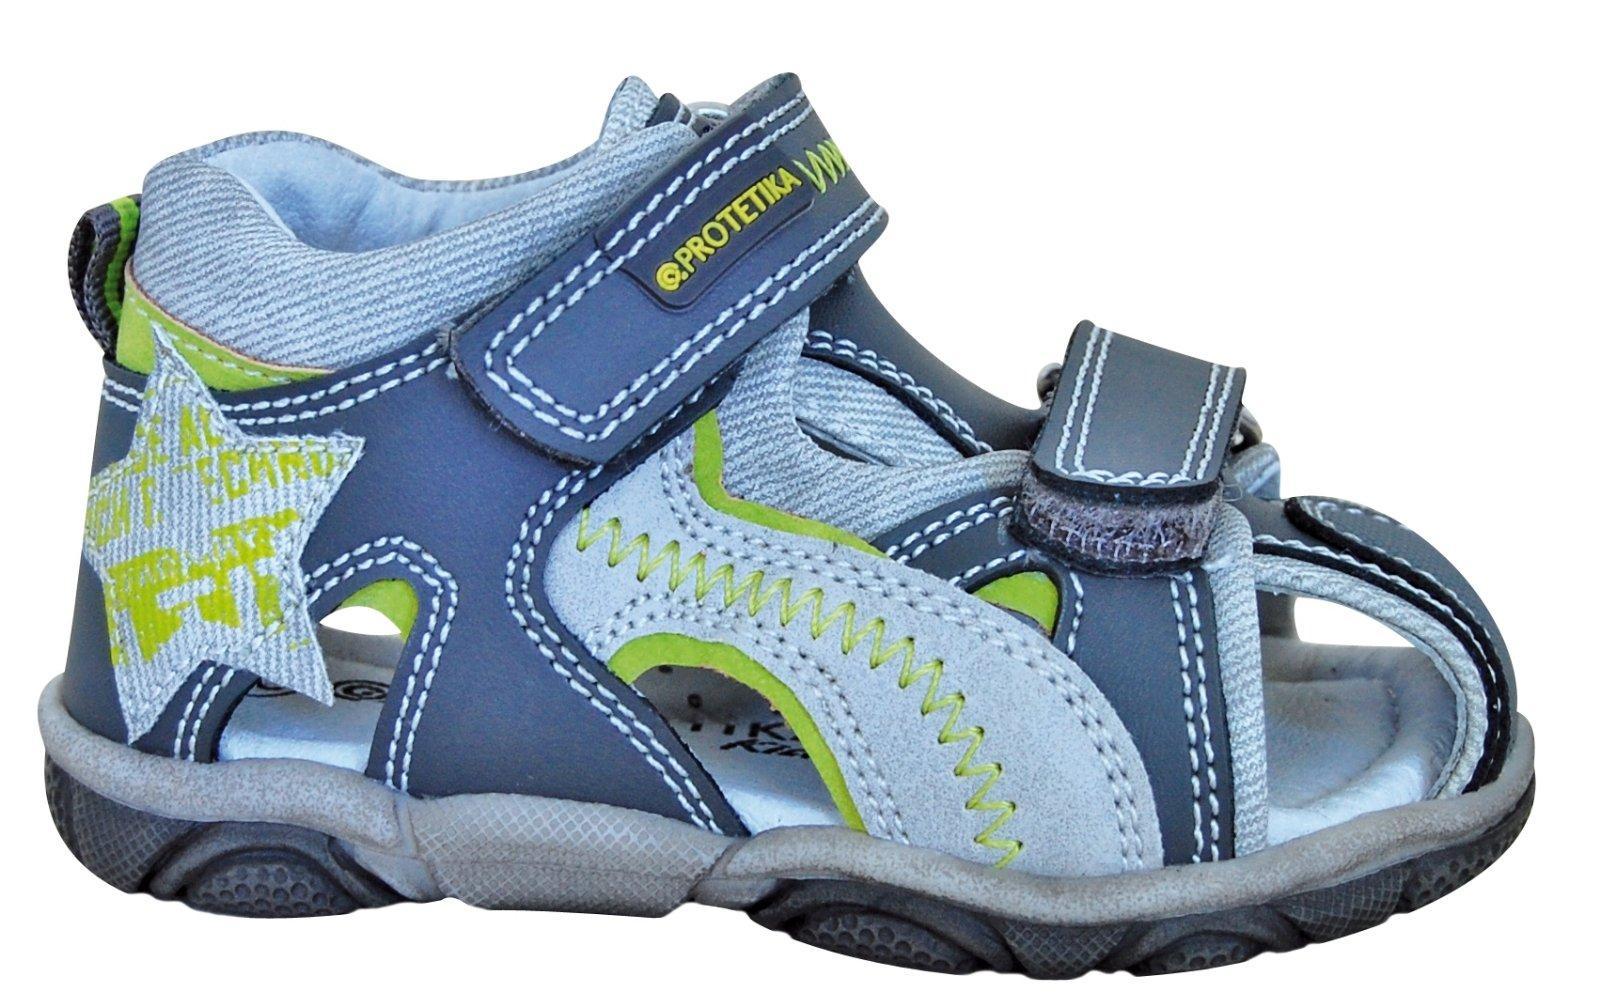 e68ccd678 Letné sandálky leros - skladom, protetika,22 / 25 - 23,90 € od predávajúcej  obuvprotetika   Detský bazár   ModryKonik.sk